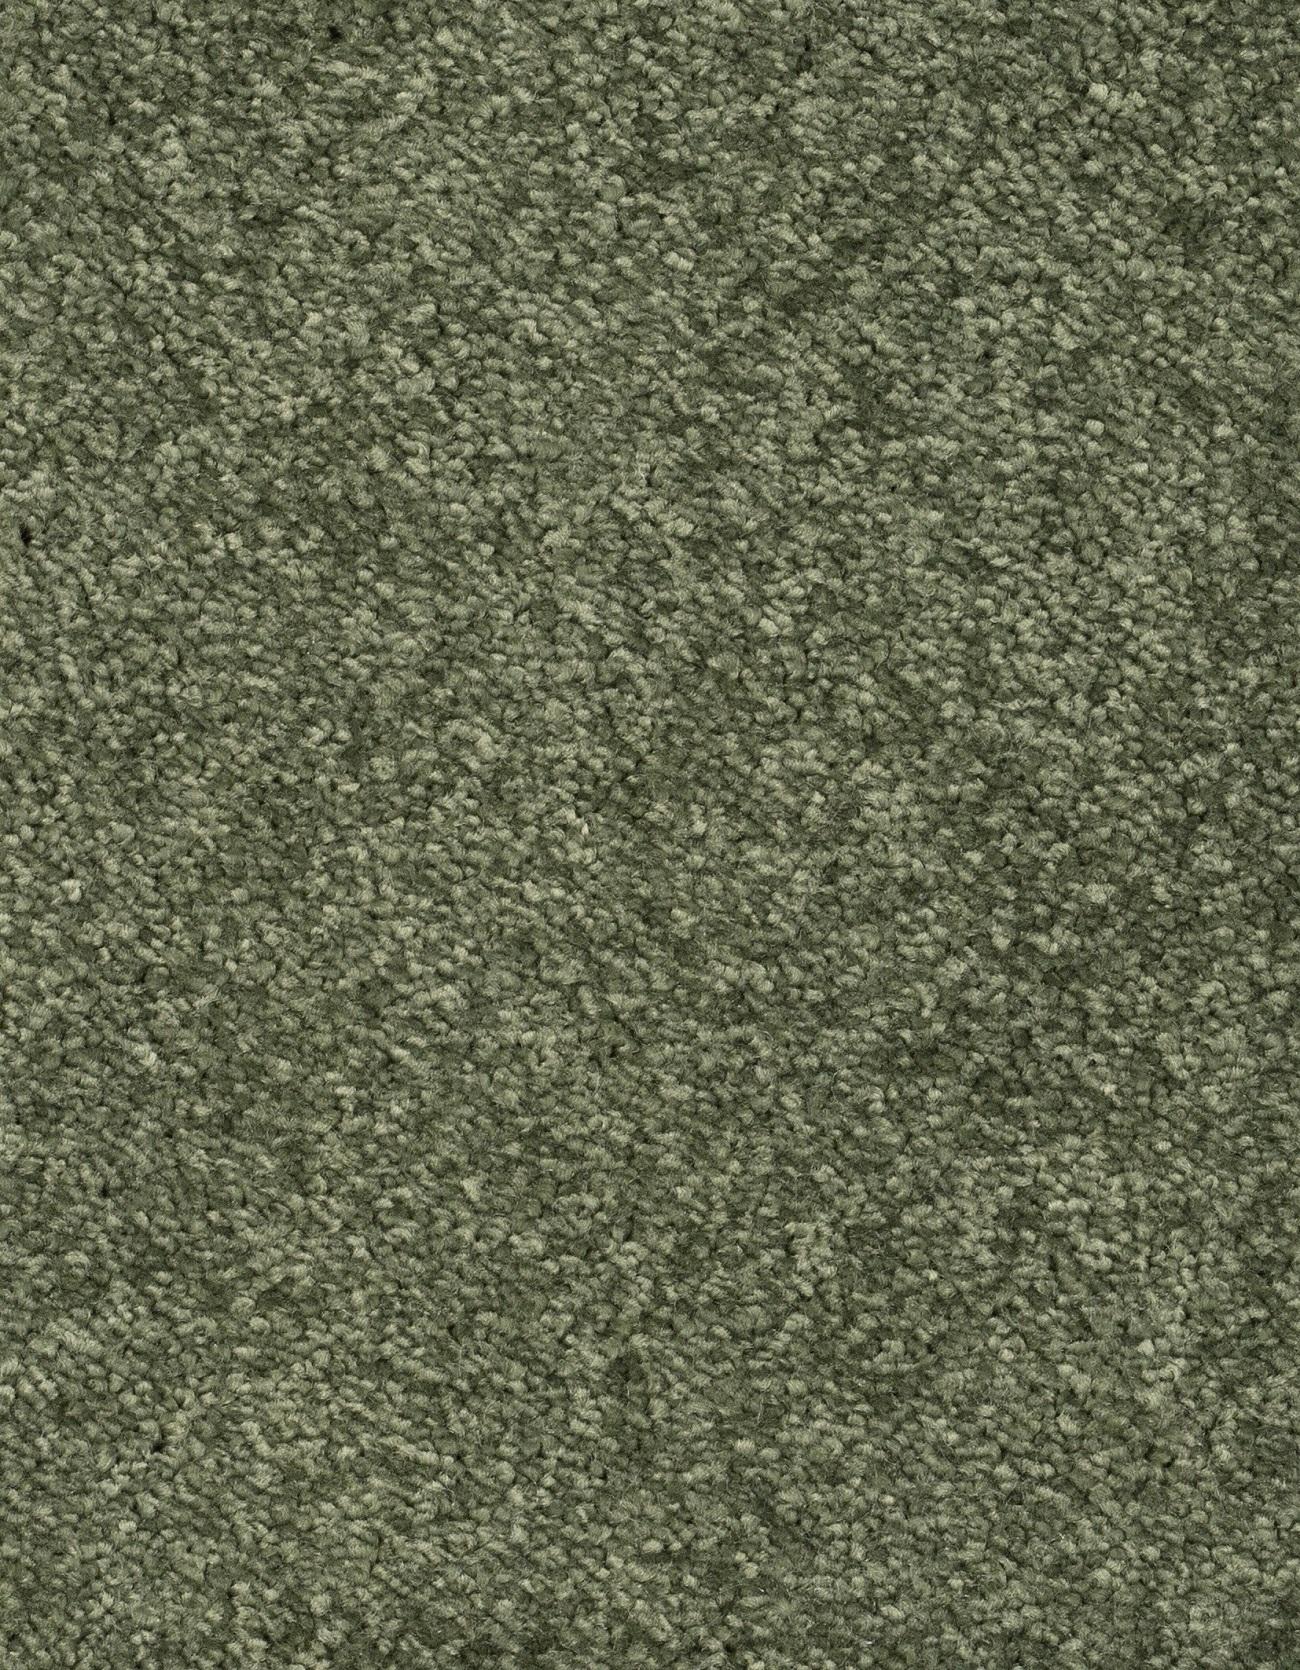 Joka - Teppichboden MARE Deluxe Balance 22 Grün 500cm Breite